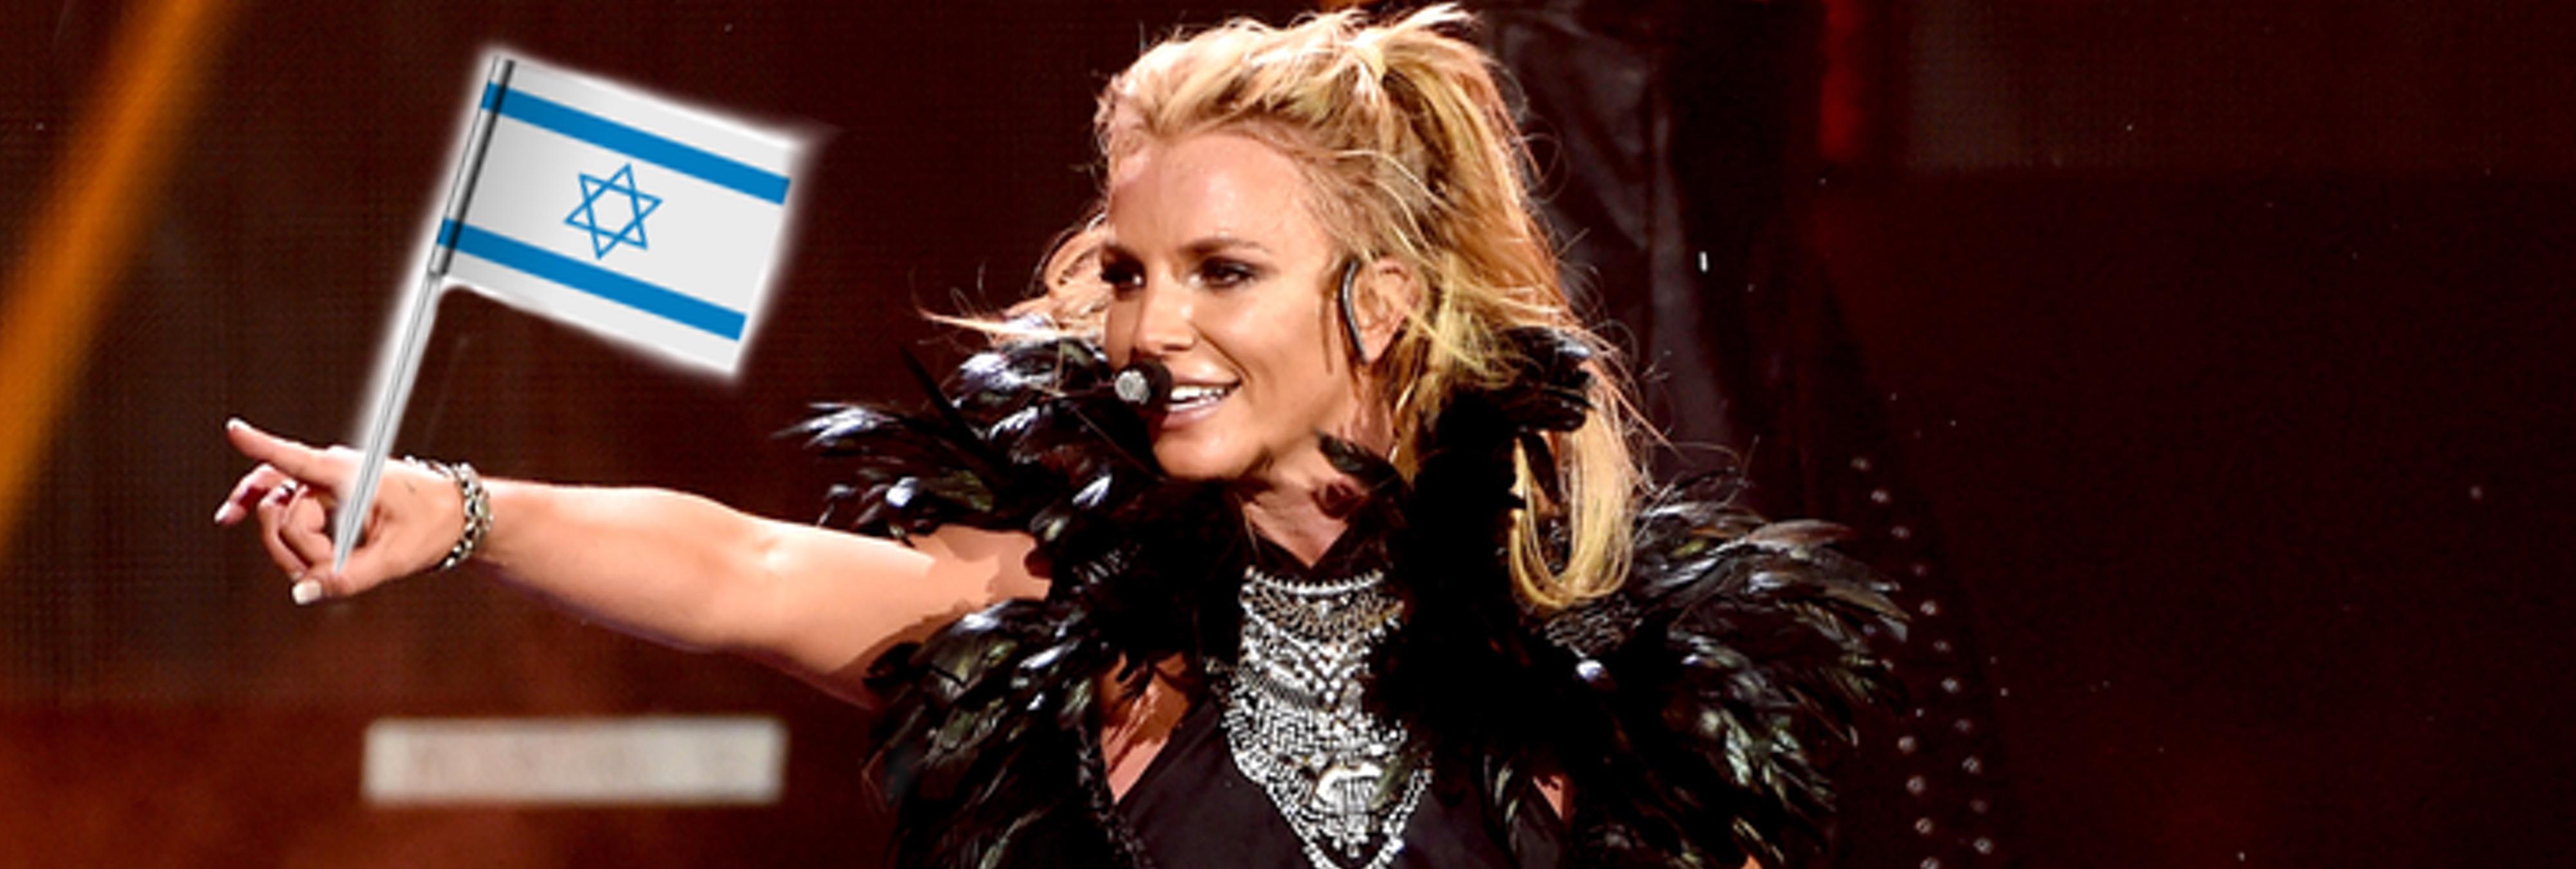 Britney Spears consigue aplazar unas elecciones en Israel